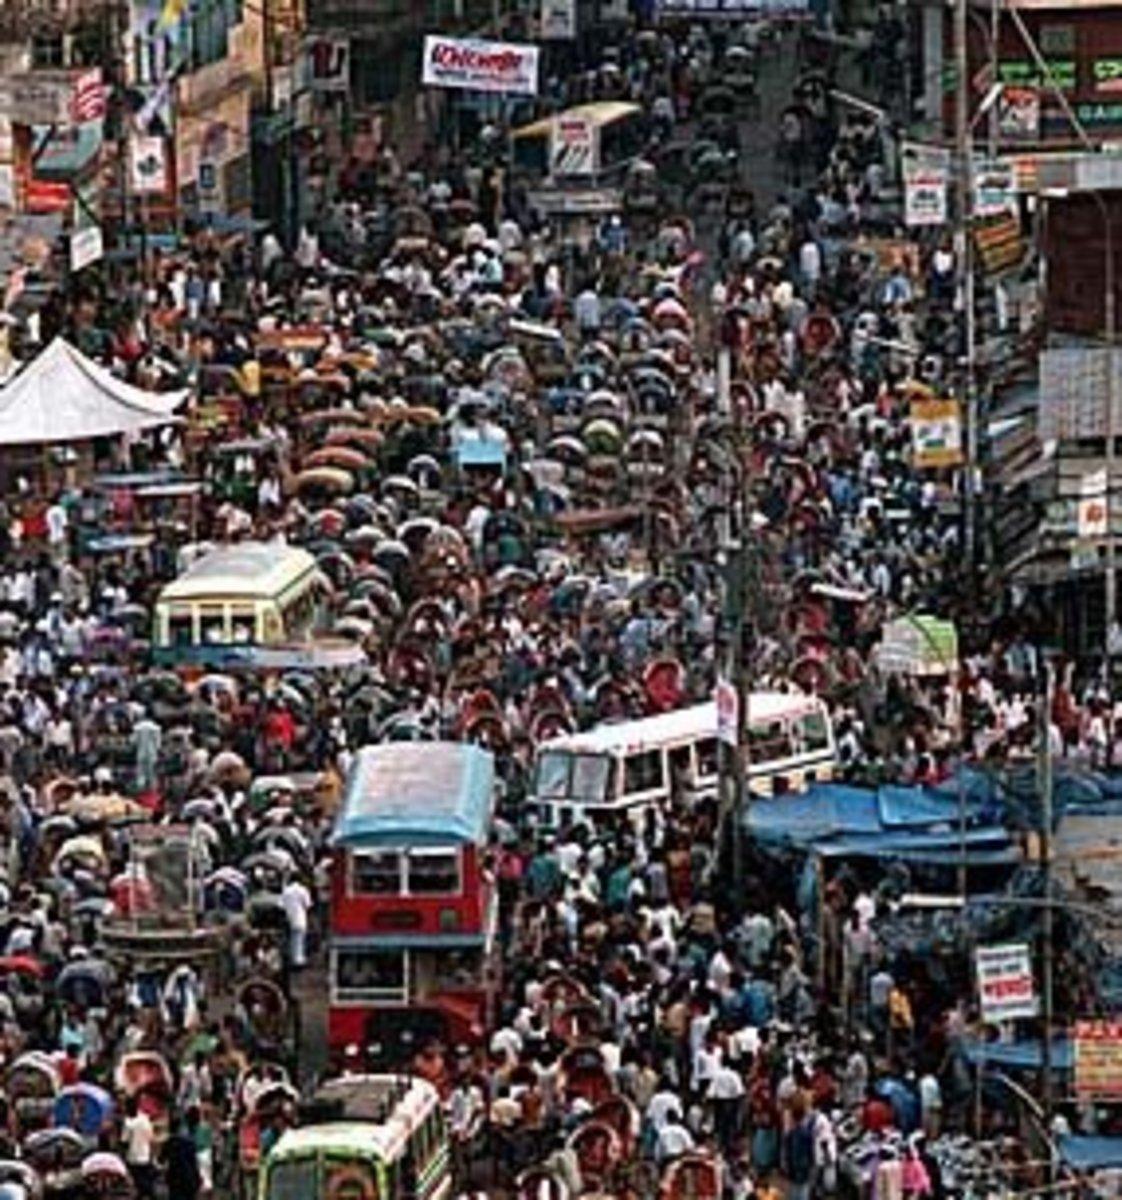 Image Courtesy  http://heavenofworld-india.blogspot.com/2008/07/india-at-glance.html